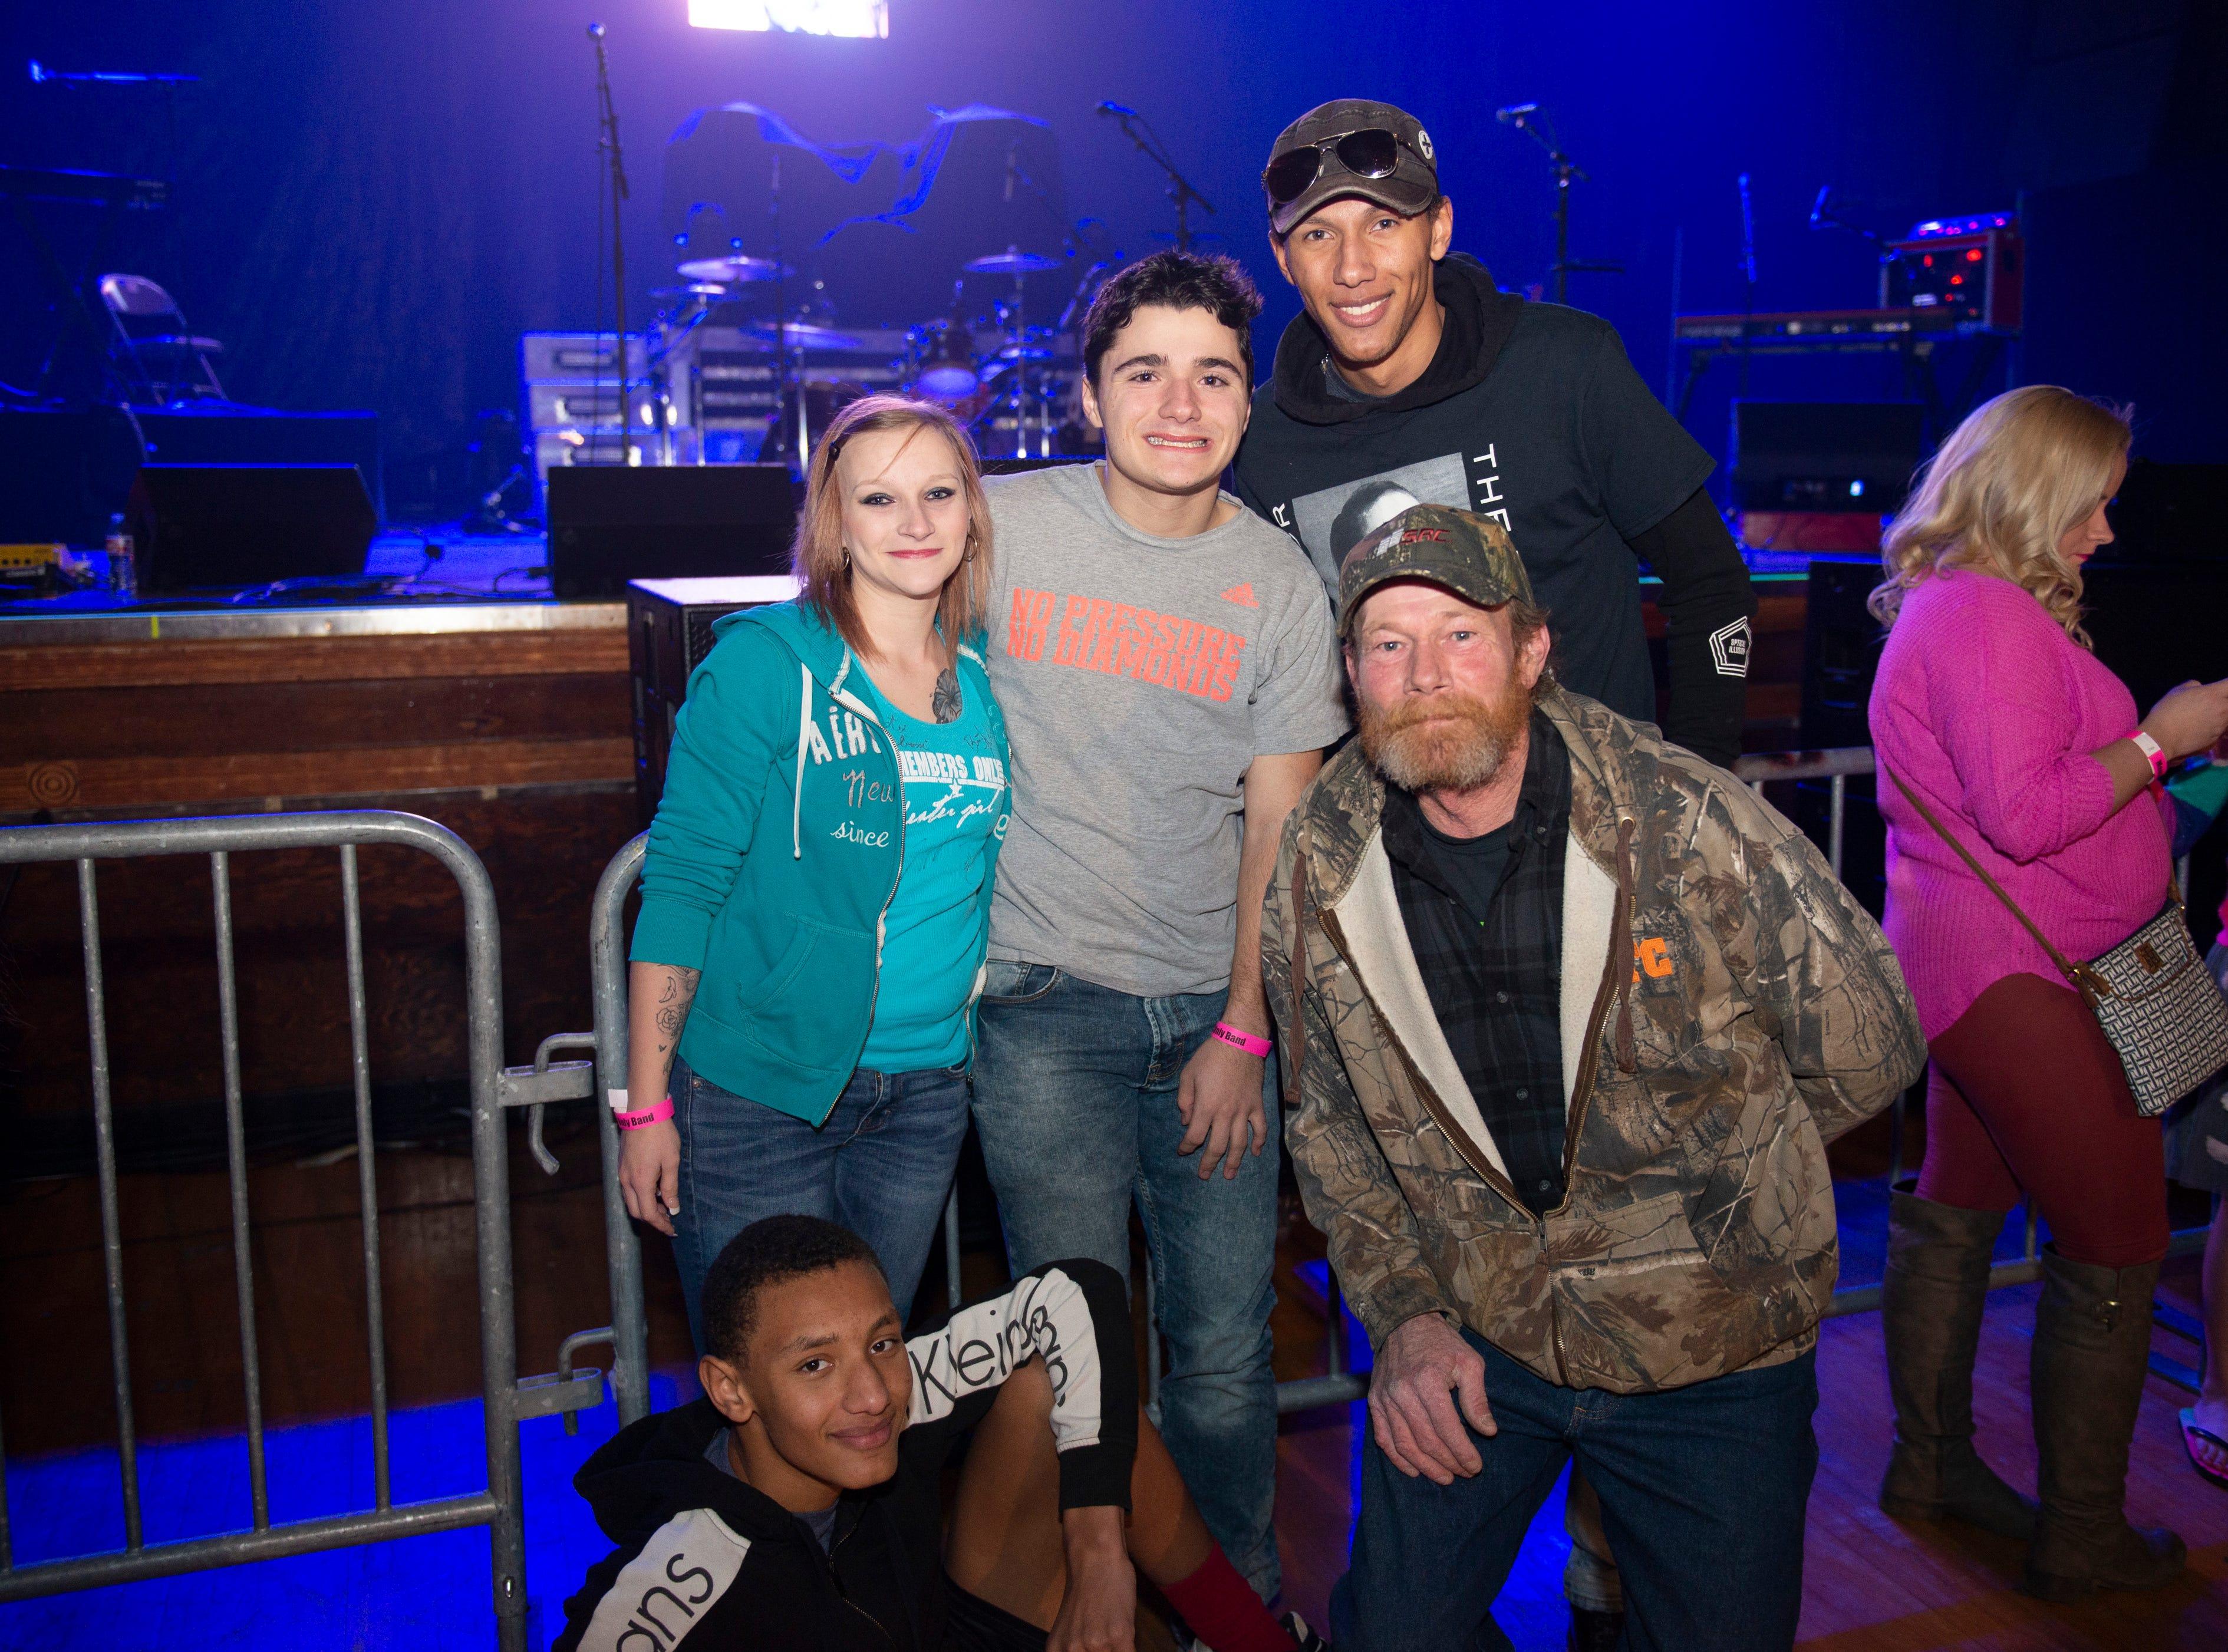 Paedon, John, Trey, Dalton, Savannah